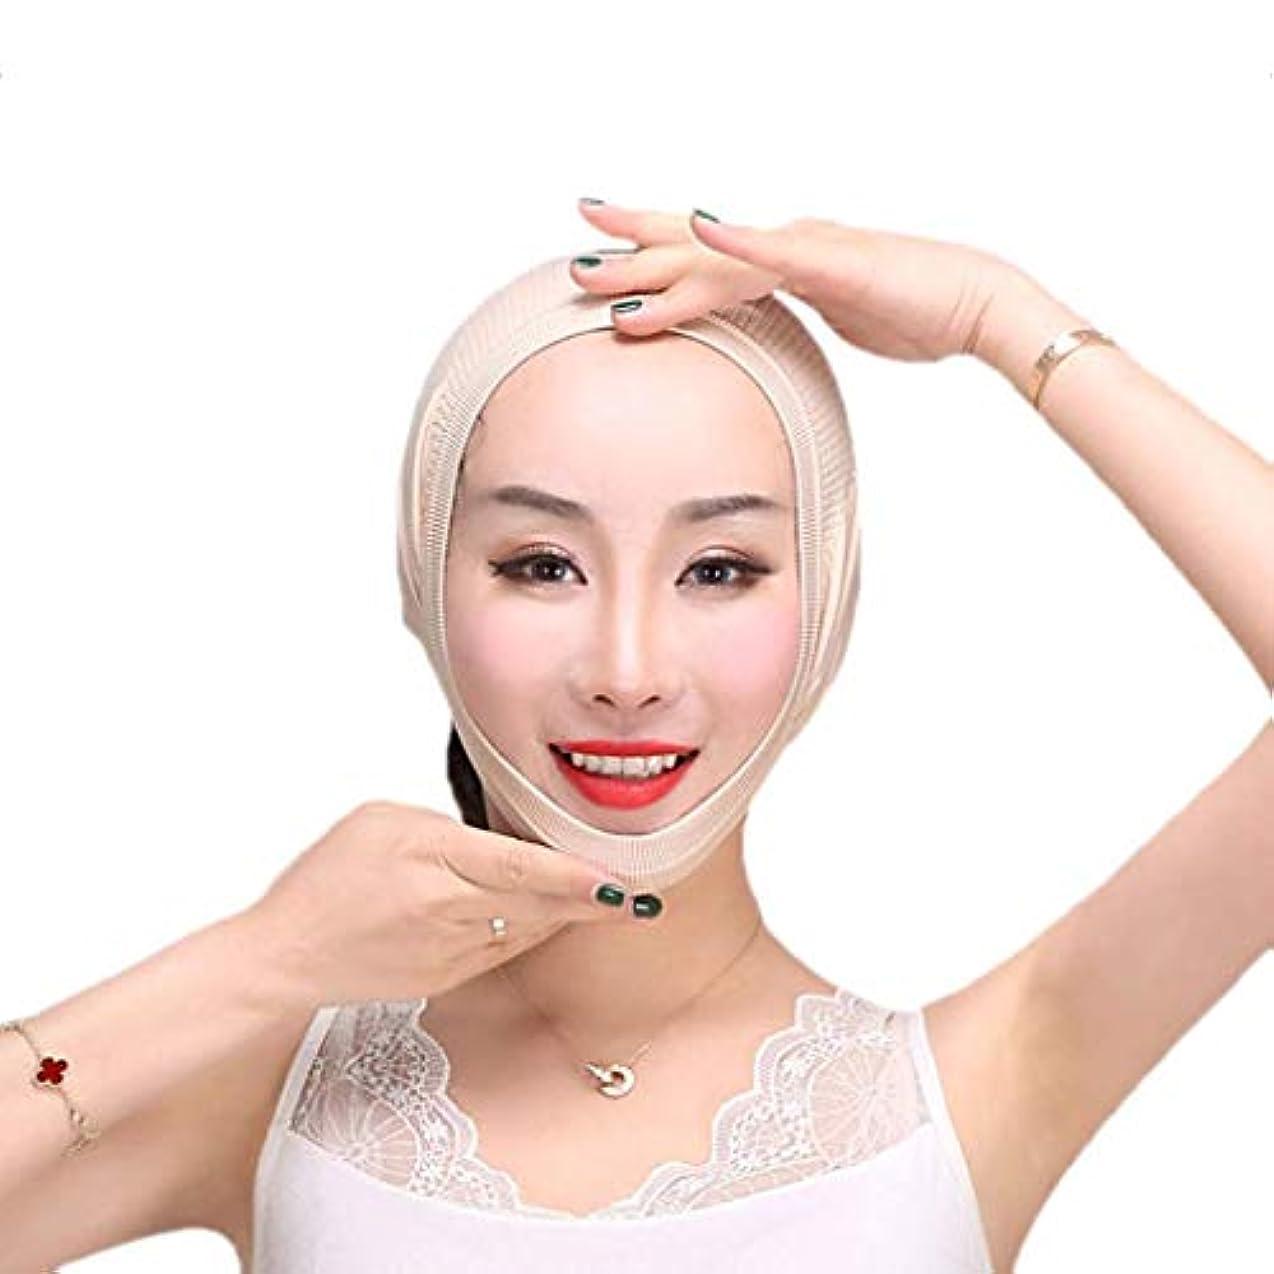 不公平窒素他の場所フェイスリフトマスク、フェイススリミングマスク、チンストラップ、フェイスマッサージ、フェイシャル減量マスク、チンリフティングベルト(ワンサイズ)